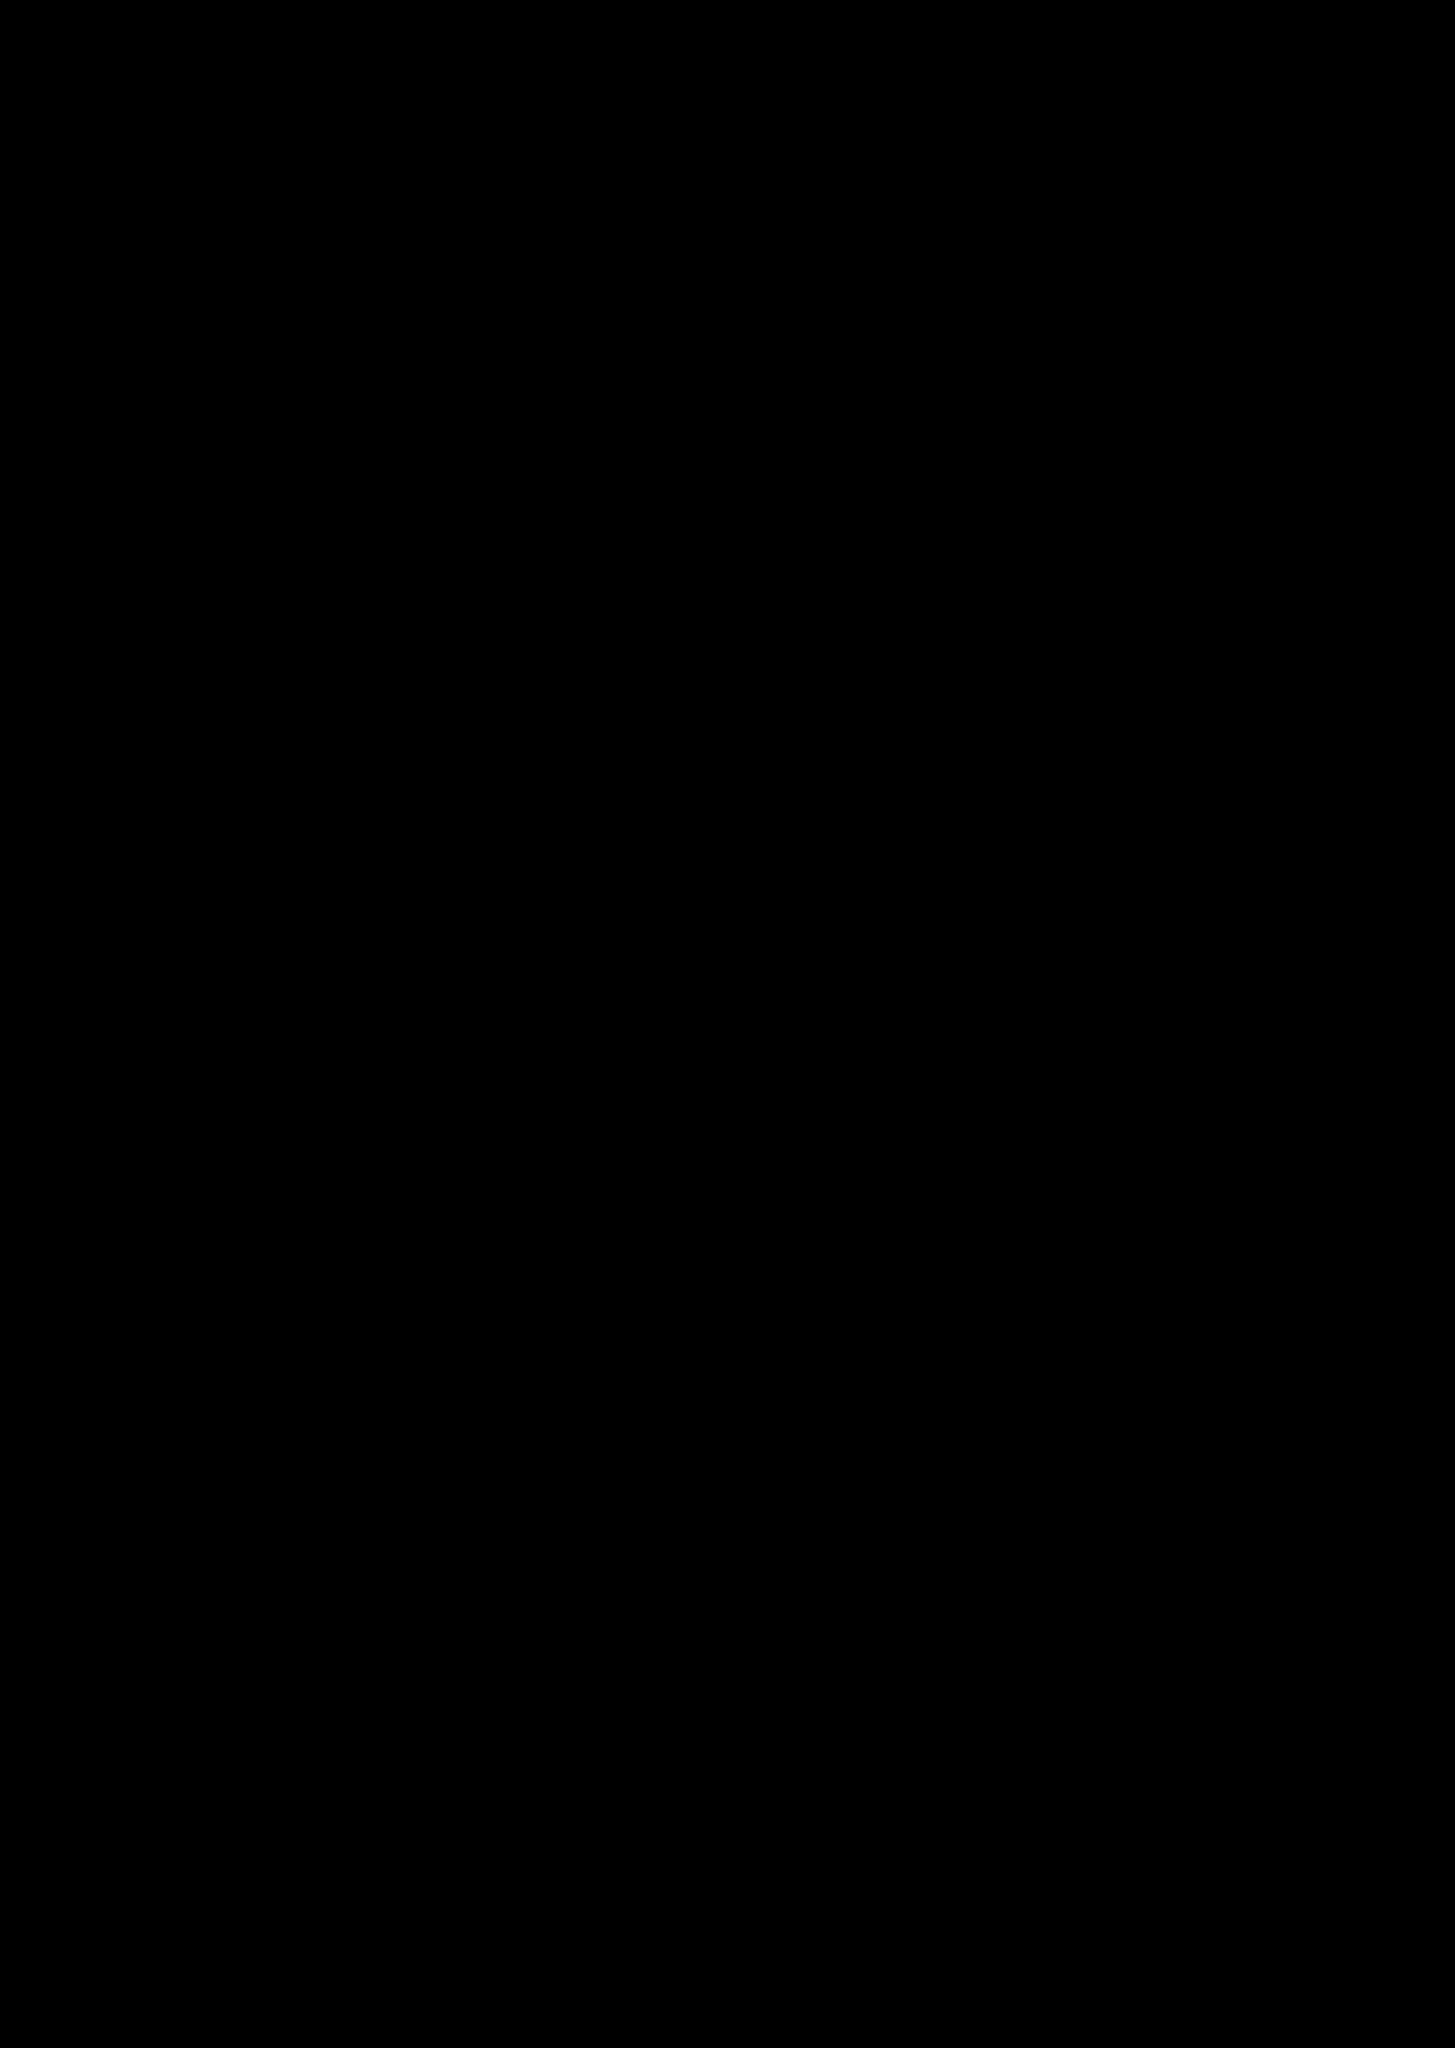 试论玄奘法师的藏书活动|学术交流-西安大雁塔保管所